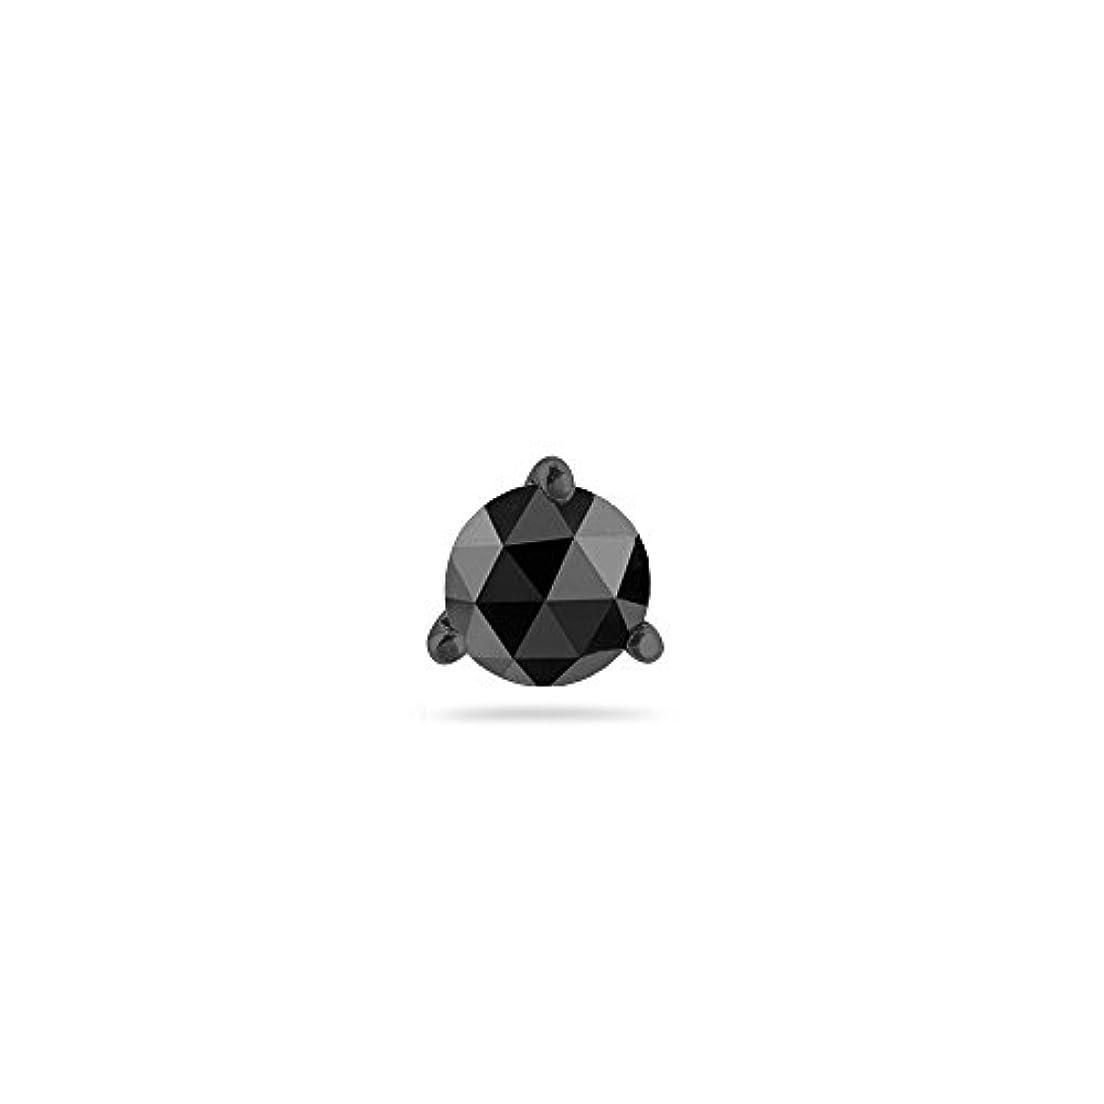 テレビモナリザキロメートルクリスマスDeal – 3 / 4 ( 0.71 – 0.80 ) CTSの5.40 – 6.00 MM AAAラウンドローズカットブラックダイヤモンドメンズスタッドイヤリング14 K Blackenedホワイトゴールド